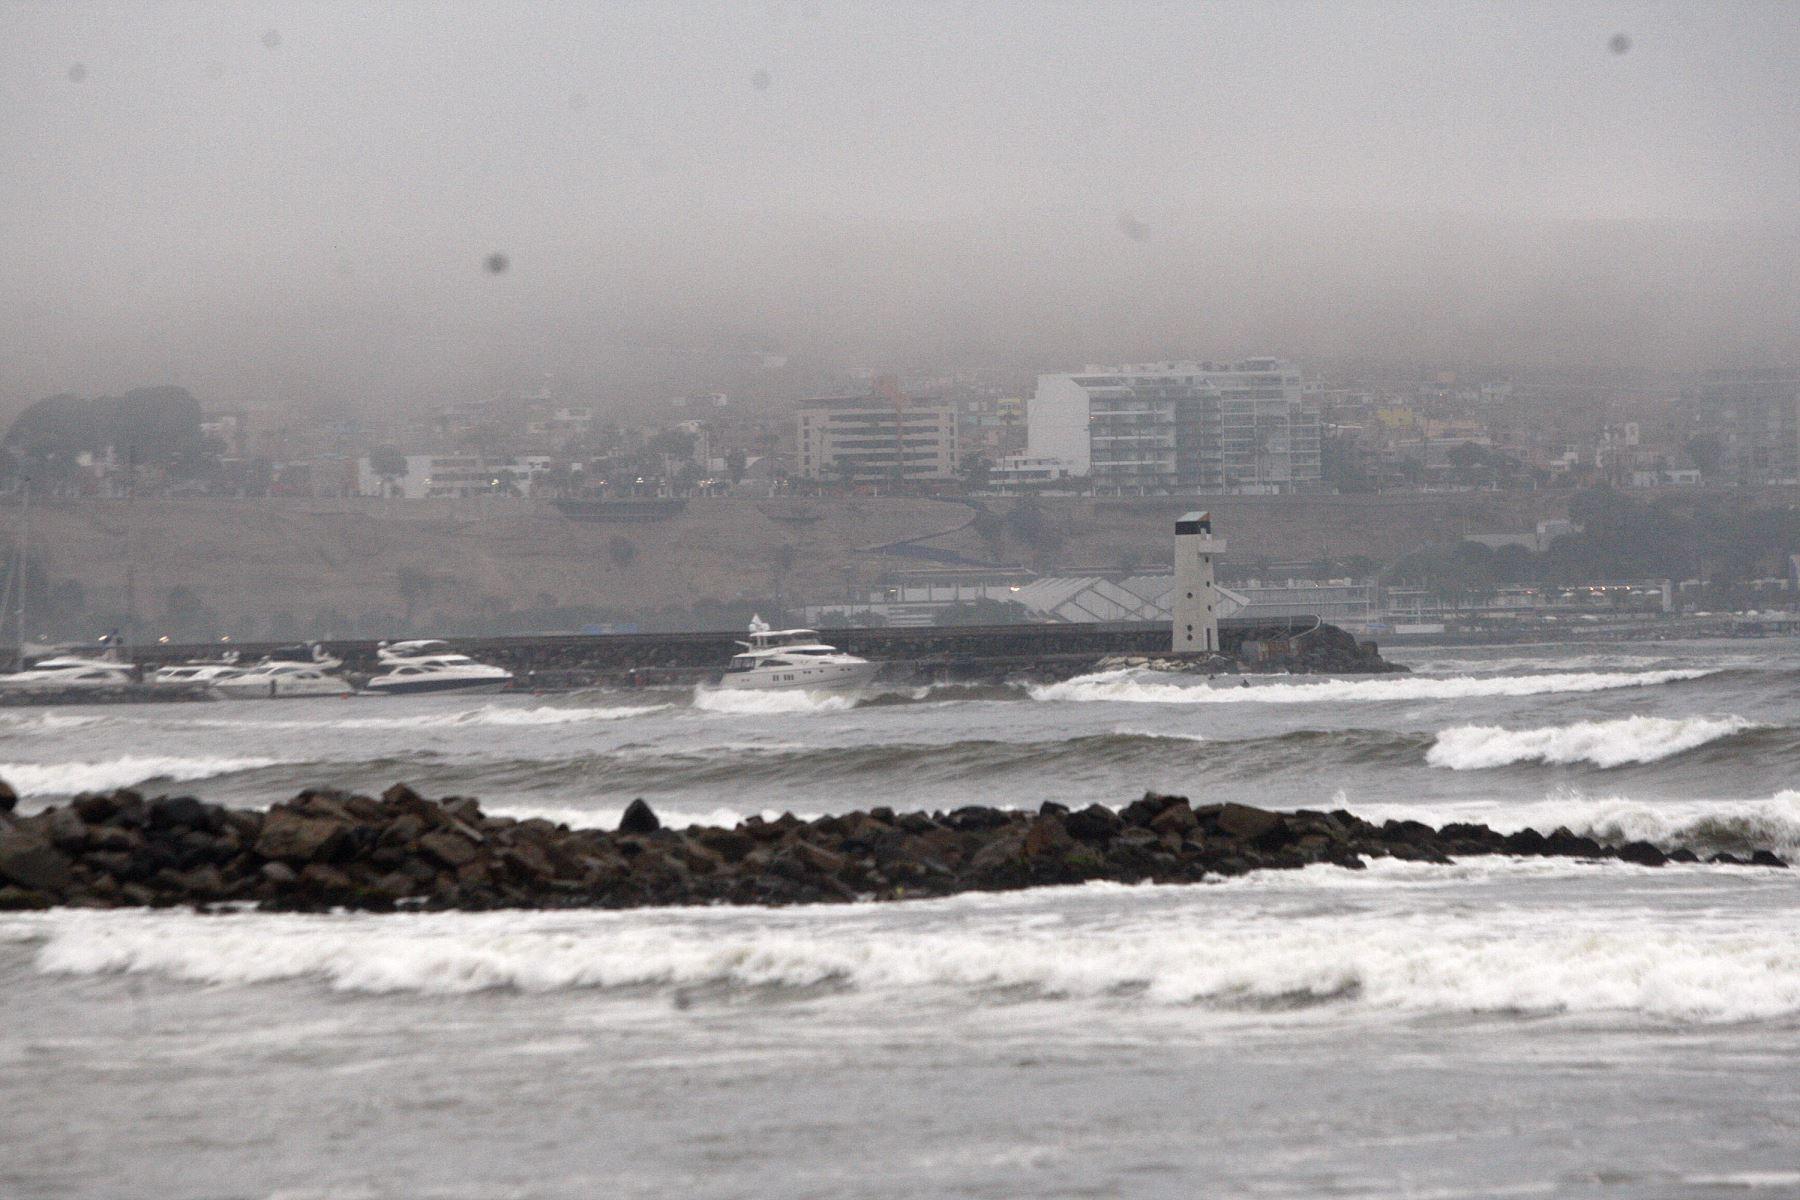 La ocurrencia de oleaje ligero se espera desde mañana viernes 9 hasta el sábado 10 de noviembre en todo el litoral peruano, informó la Dirección de Hidrografía y Navegación (DHN) de la Marina de Guerra del Perú. ANDINA/Héctor Vinces